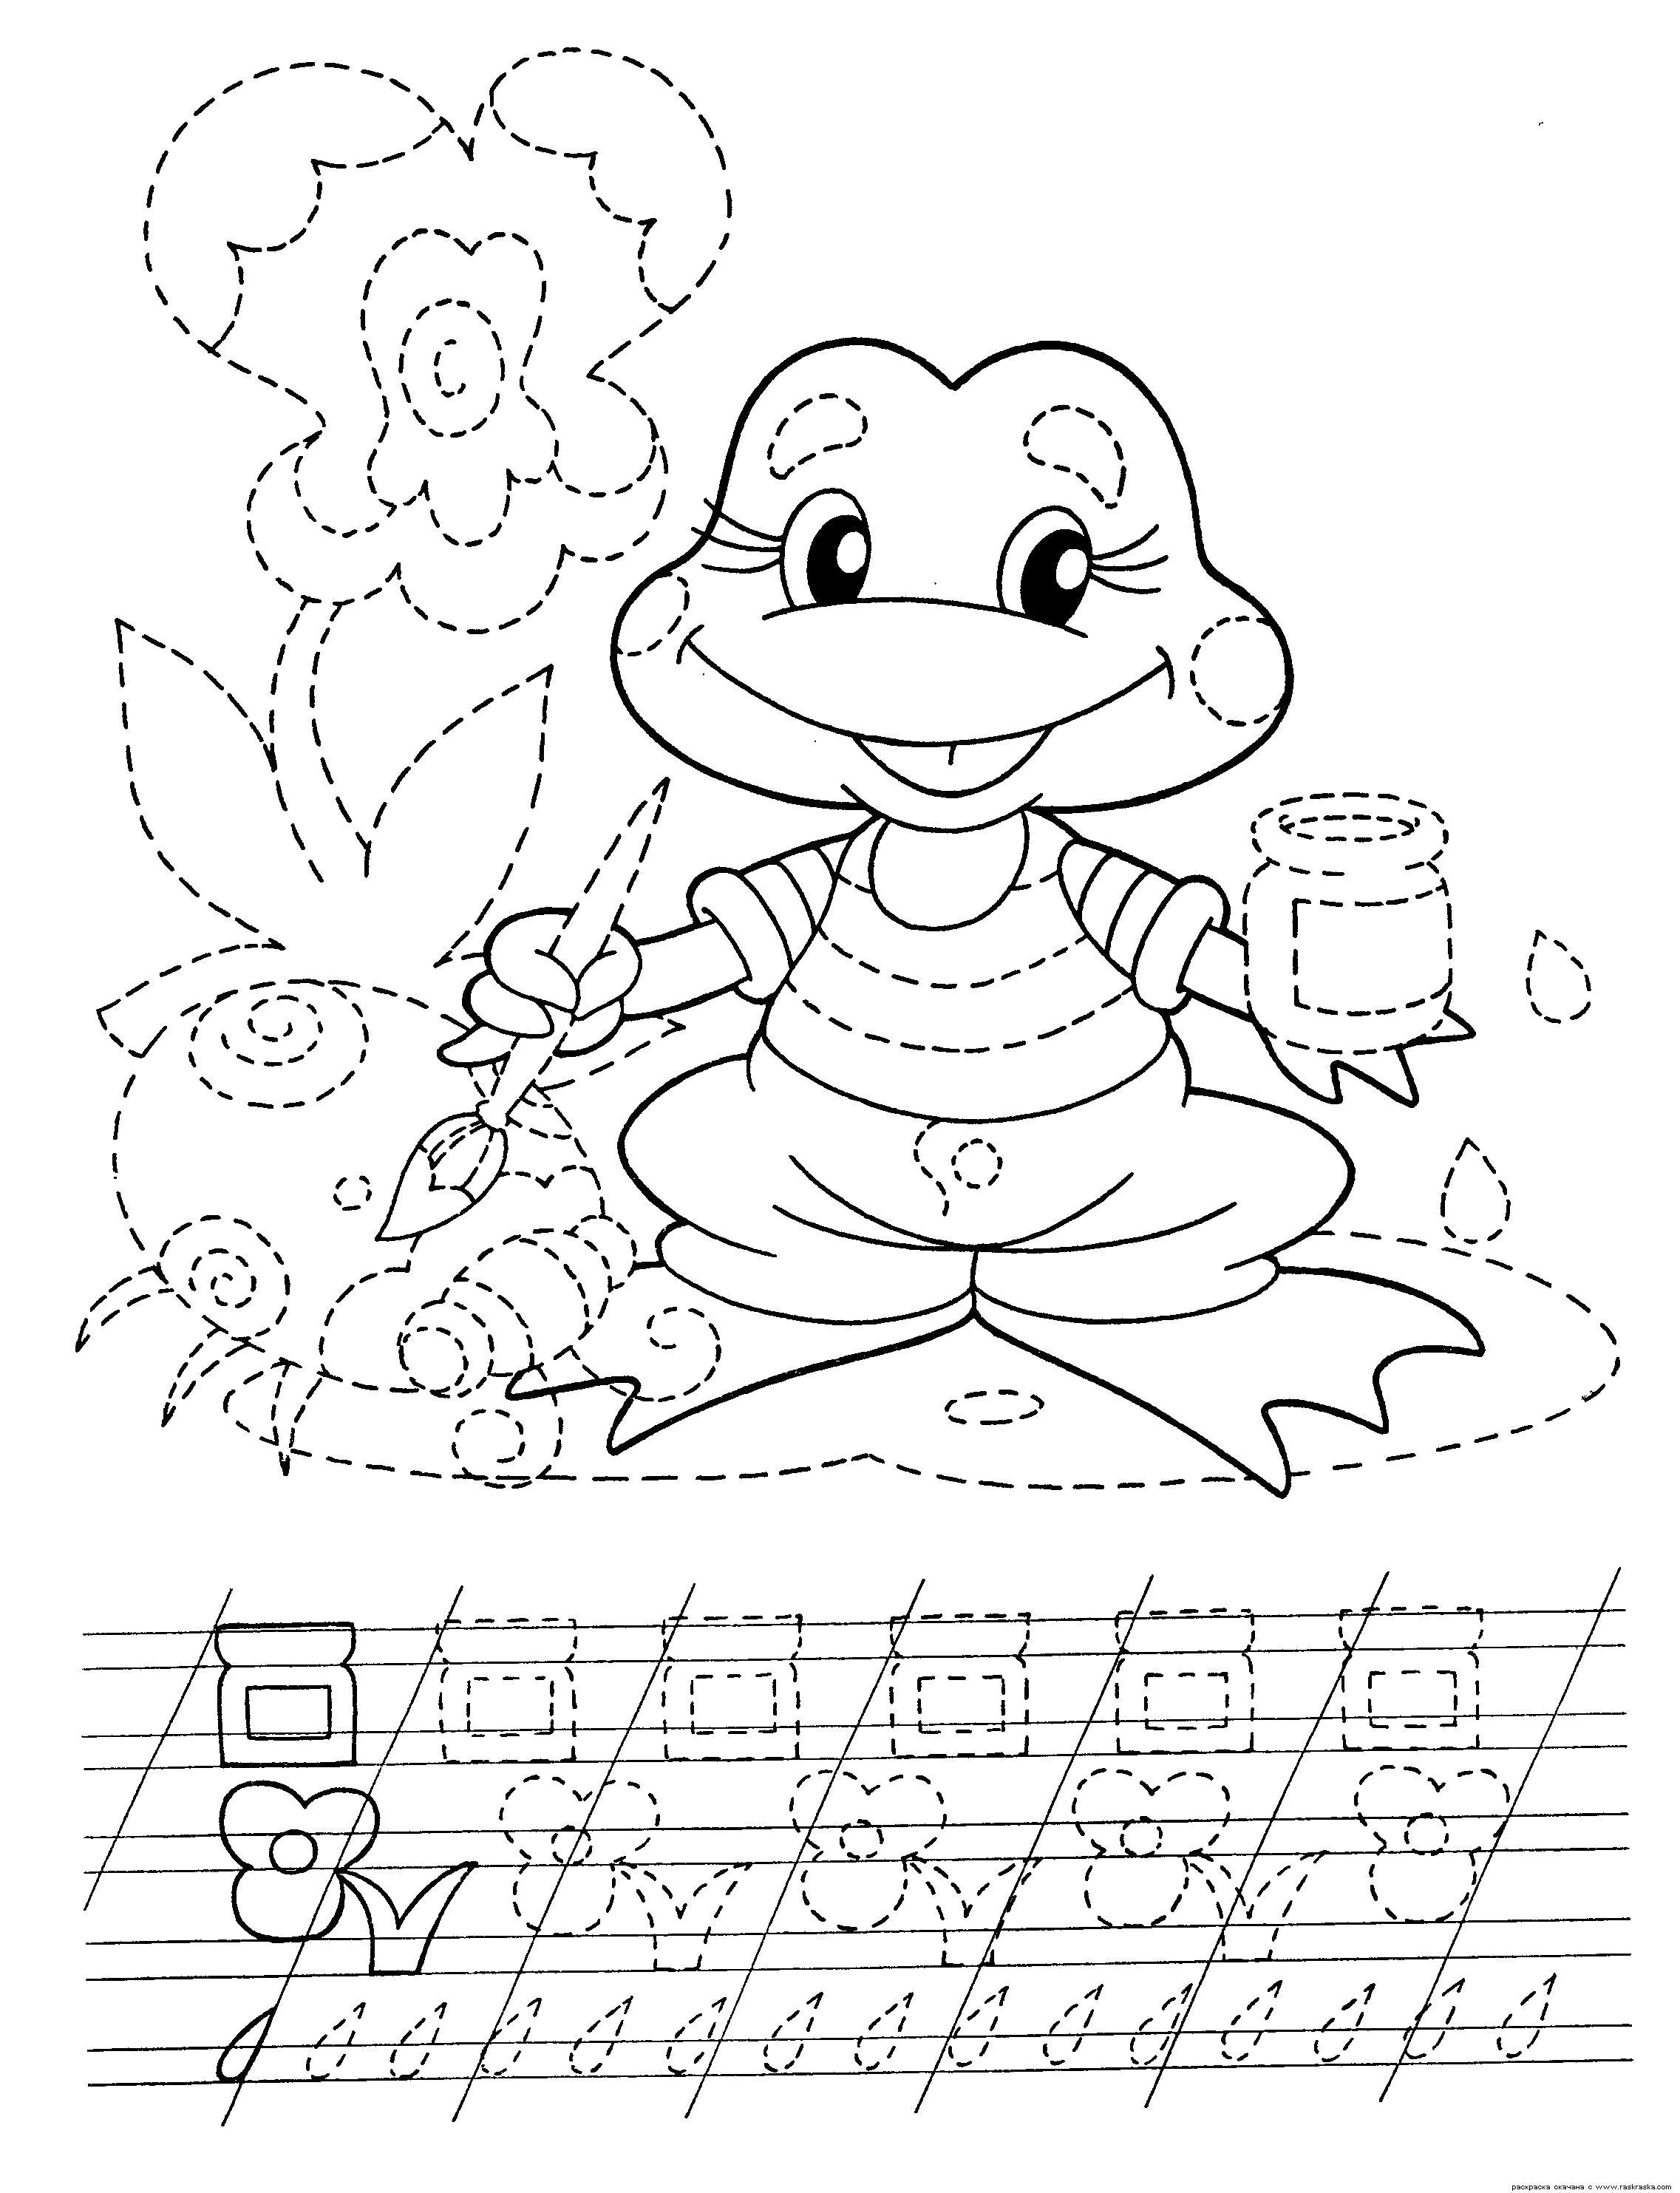 Раскраска  Лягушонок.   для детей, краски, кисточки, рисует, лягушка, прописи для детей, подготовка руки к письму, подготовка к школе, соедини линии, пропись для ребенка. Скачать Подготовка руки к письму.  Распечатать Подготовка руки к письму